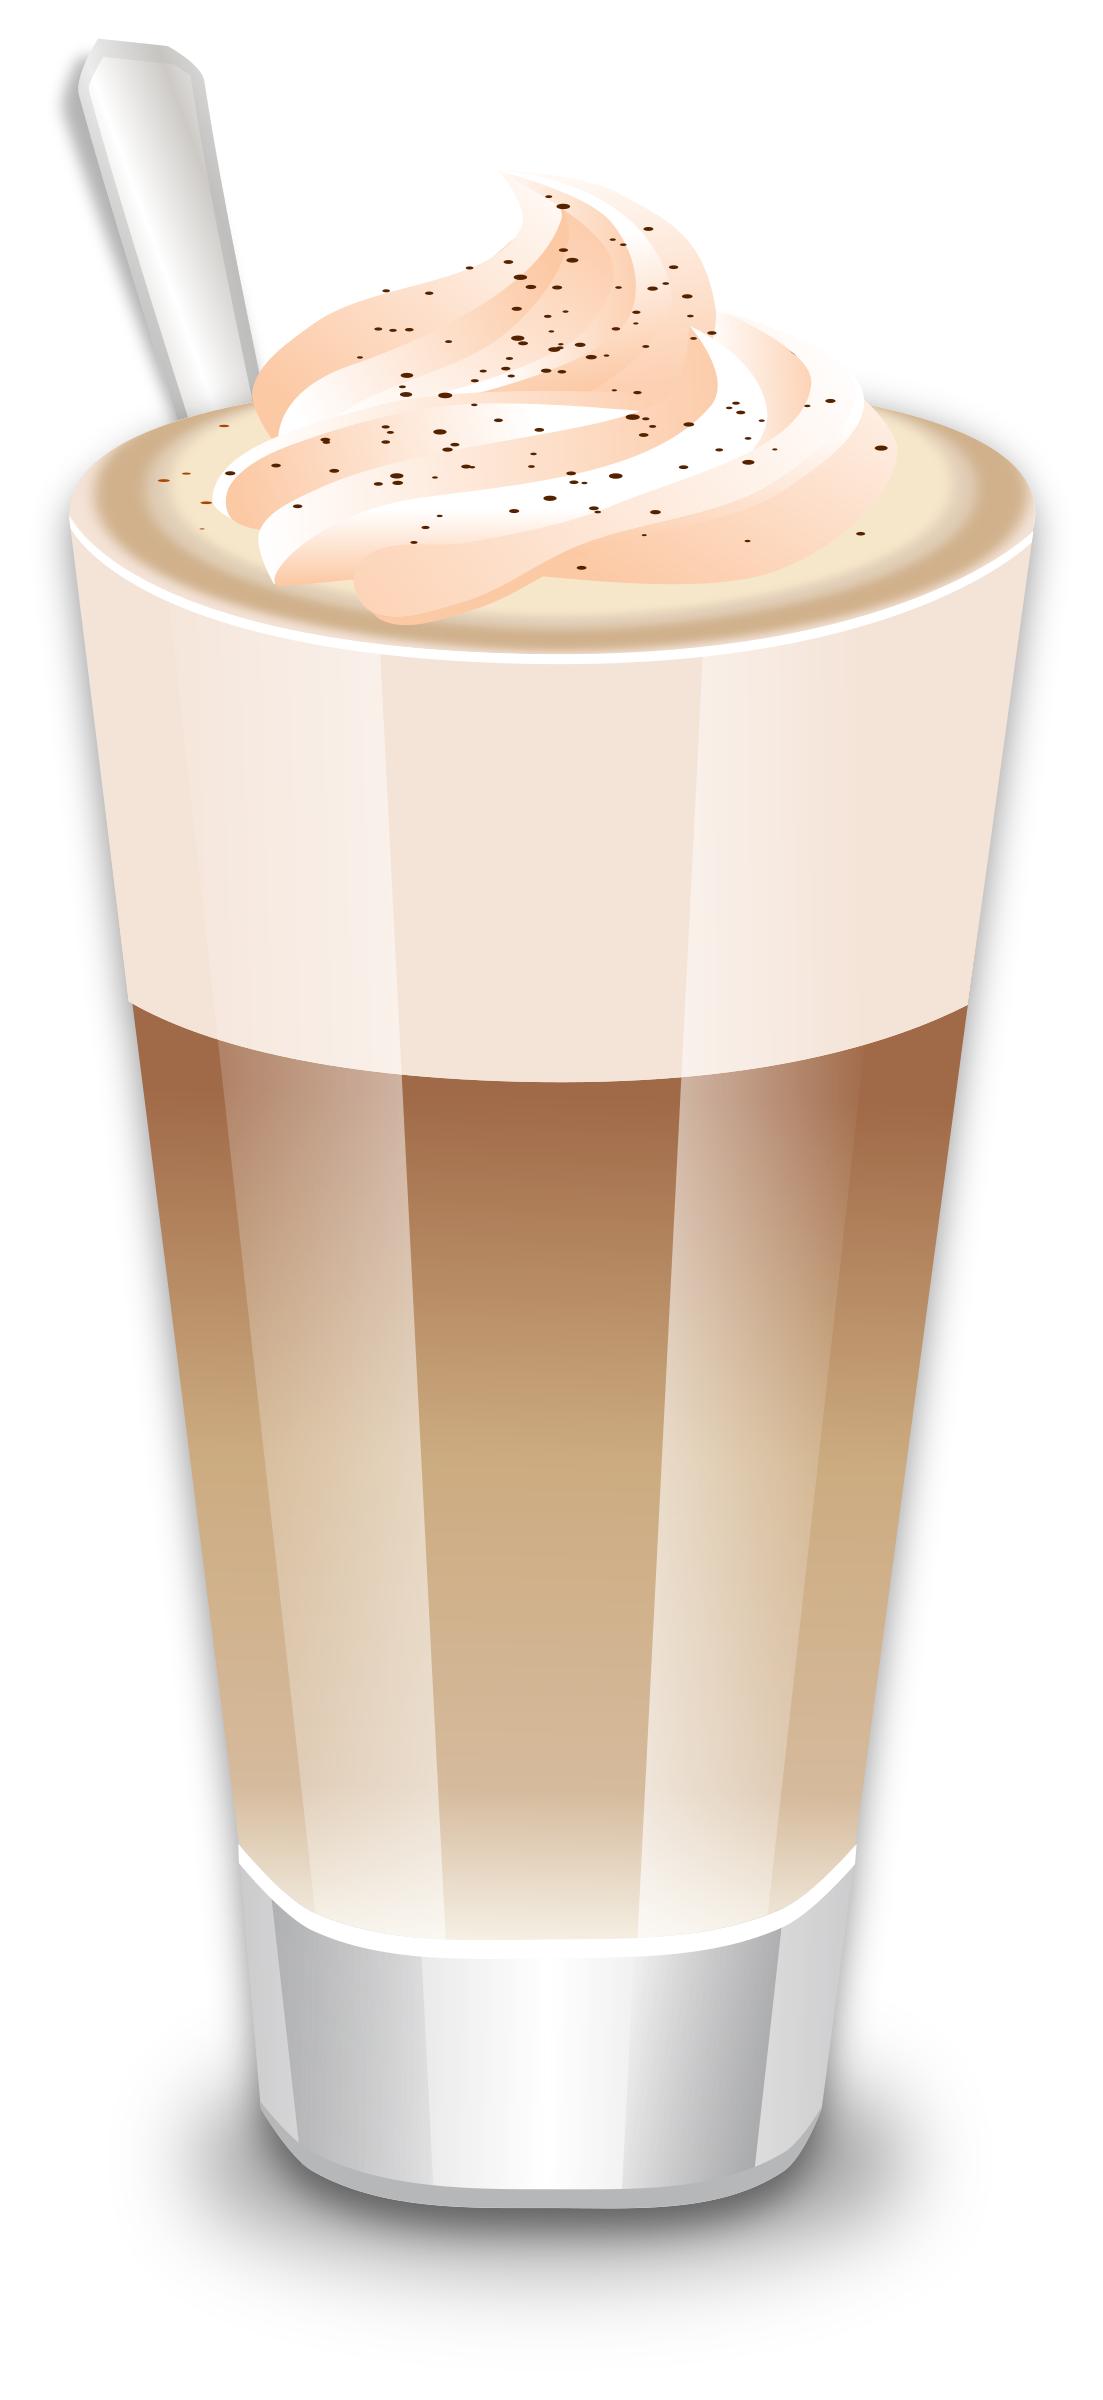 Cafe big image png. Latte clipart